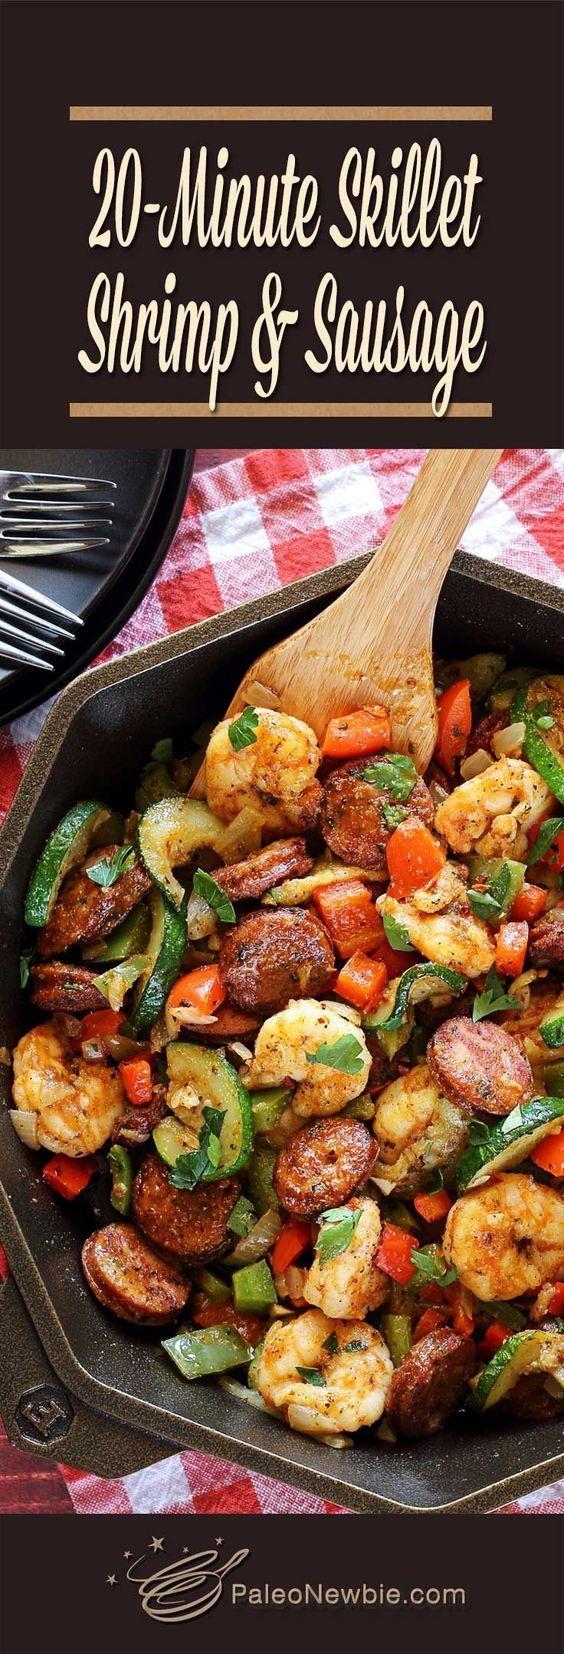 20-Minute Shrimp & Sausage Skillet Paleo Meal